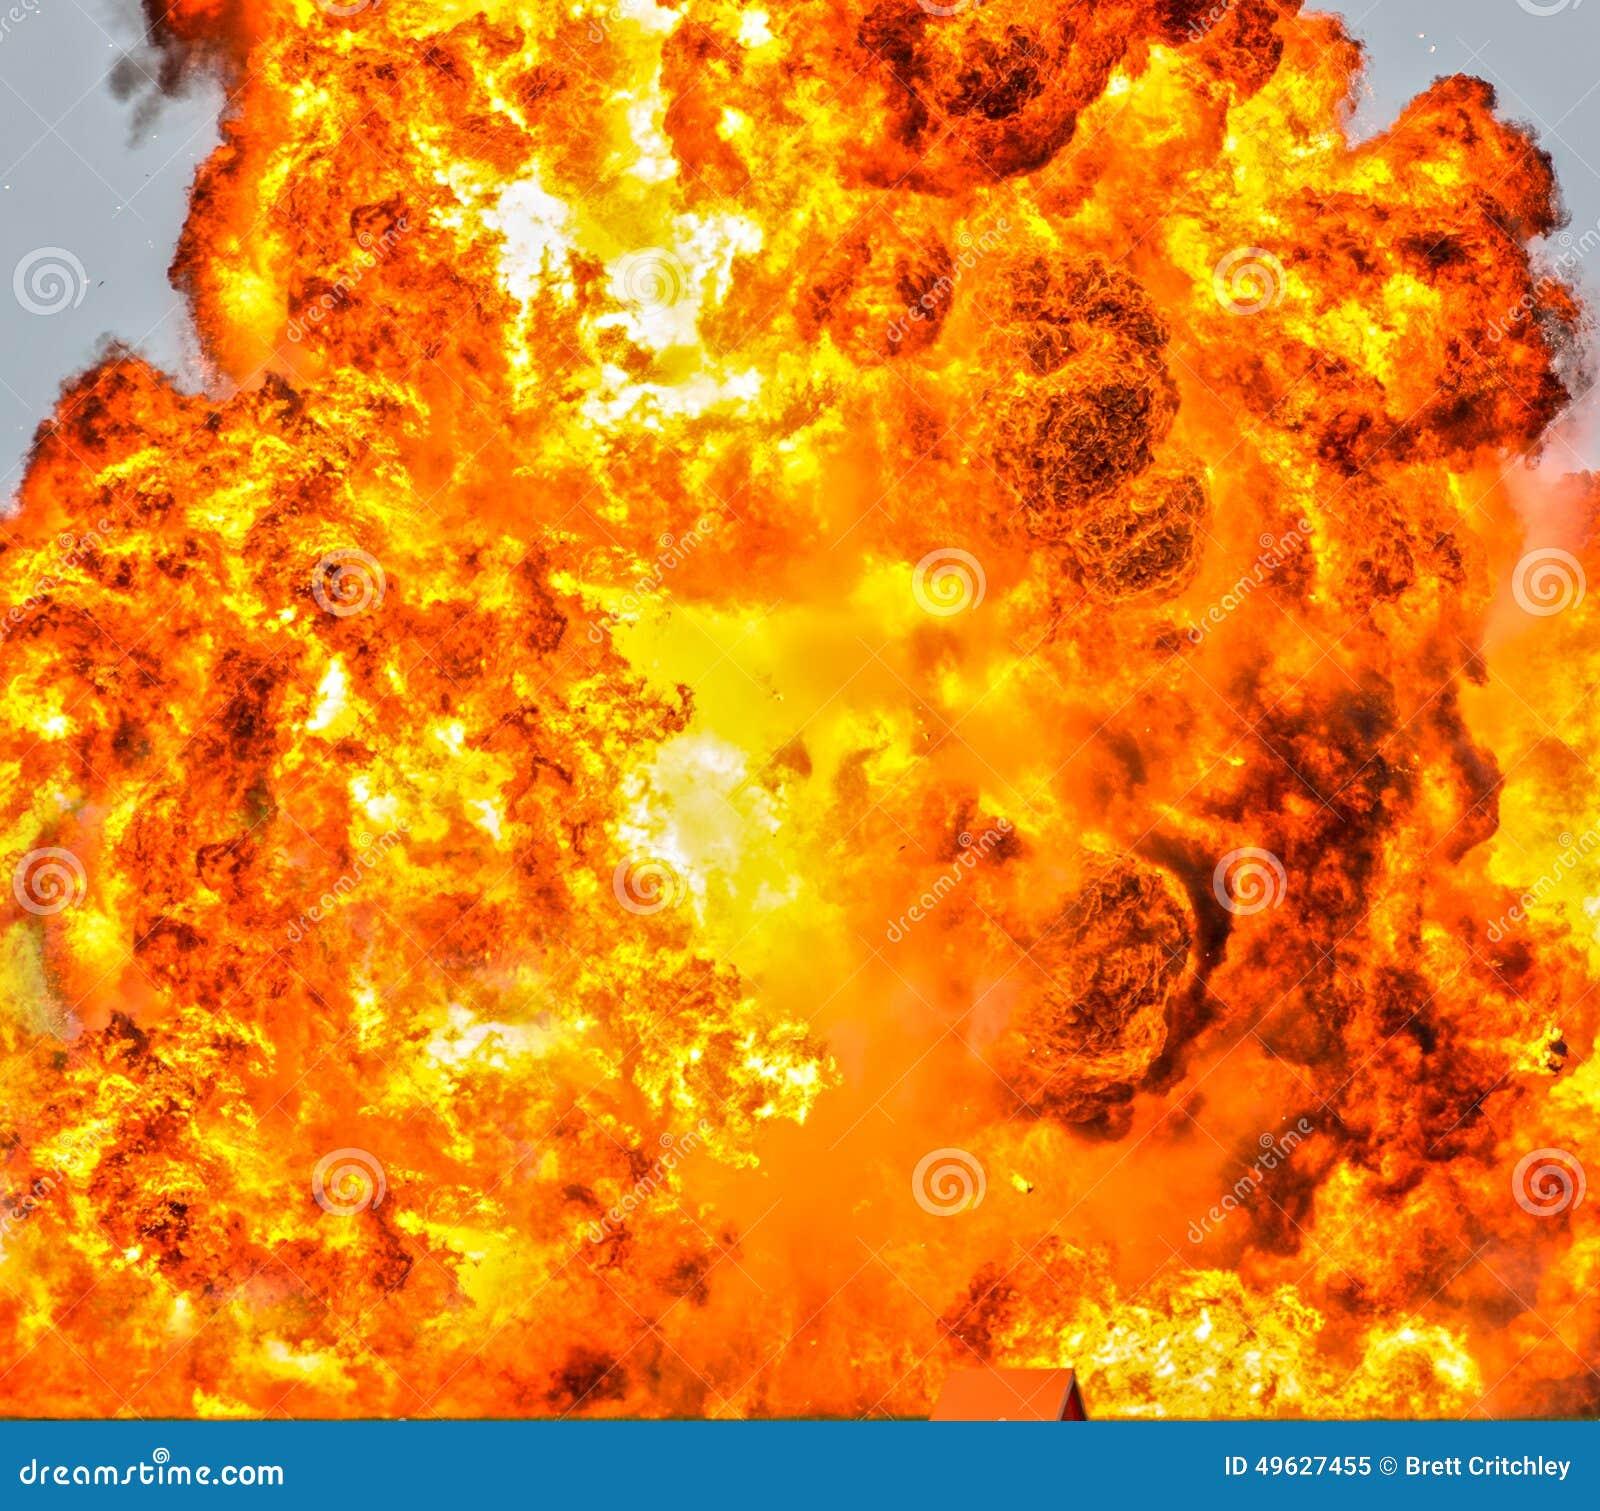 De achtergrond van de vuurhaardbrand